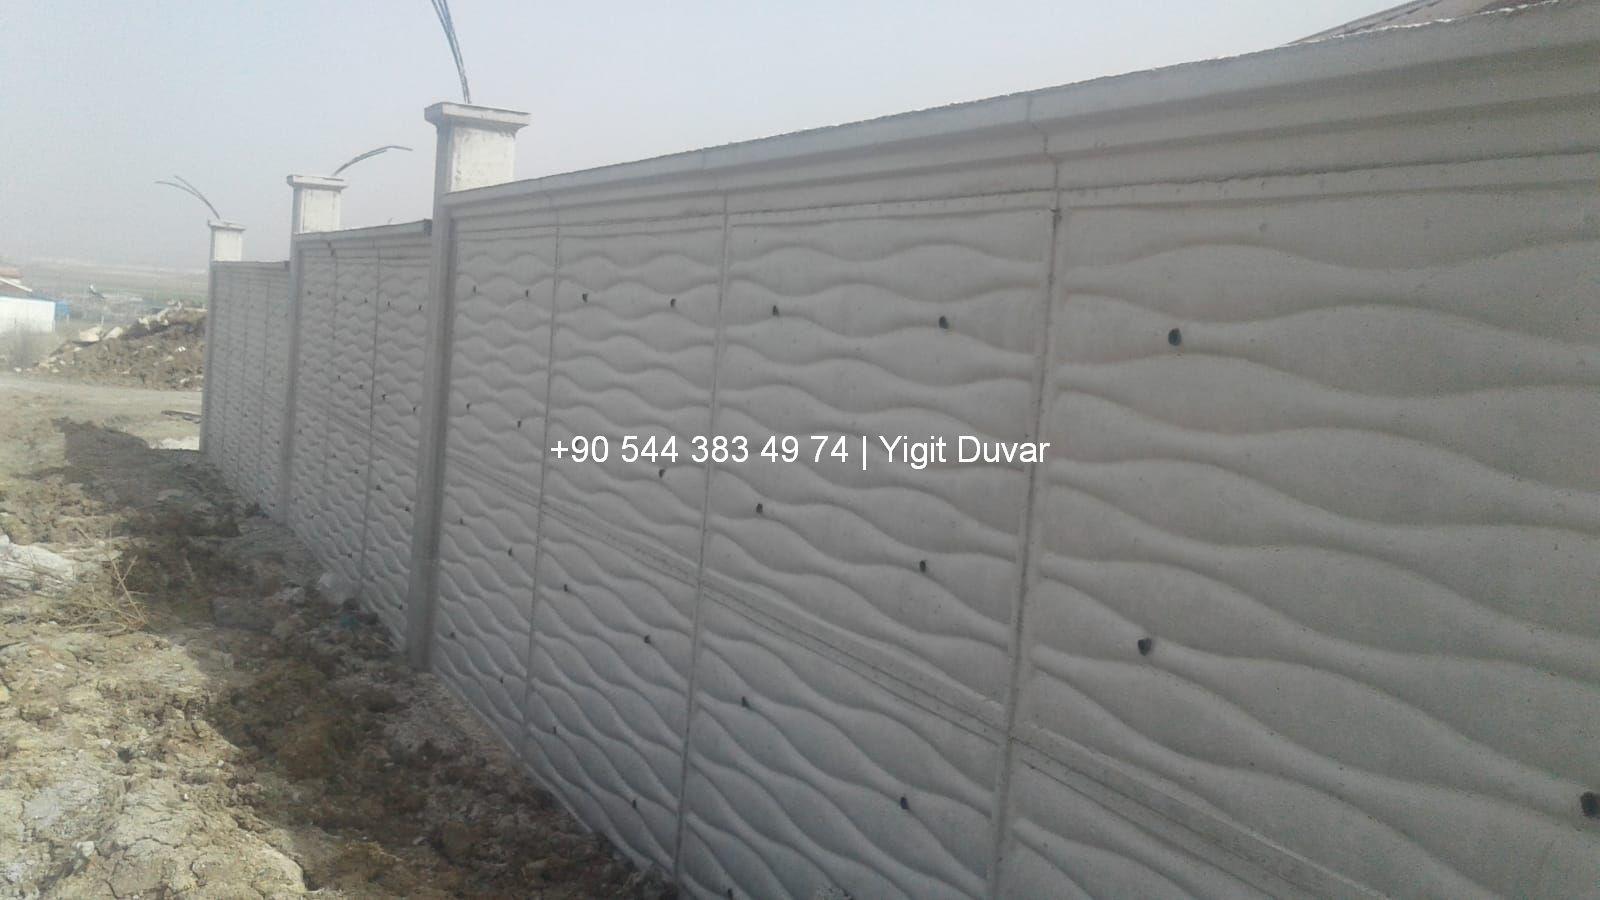 duvar-ustasi-yigit-duvar081